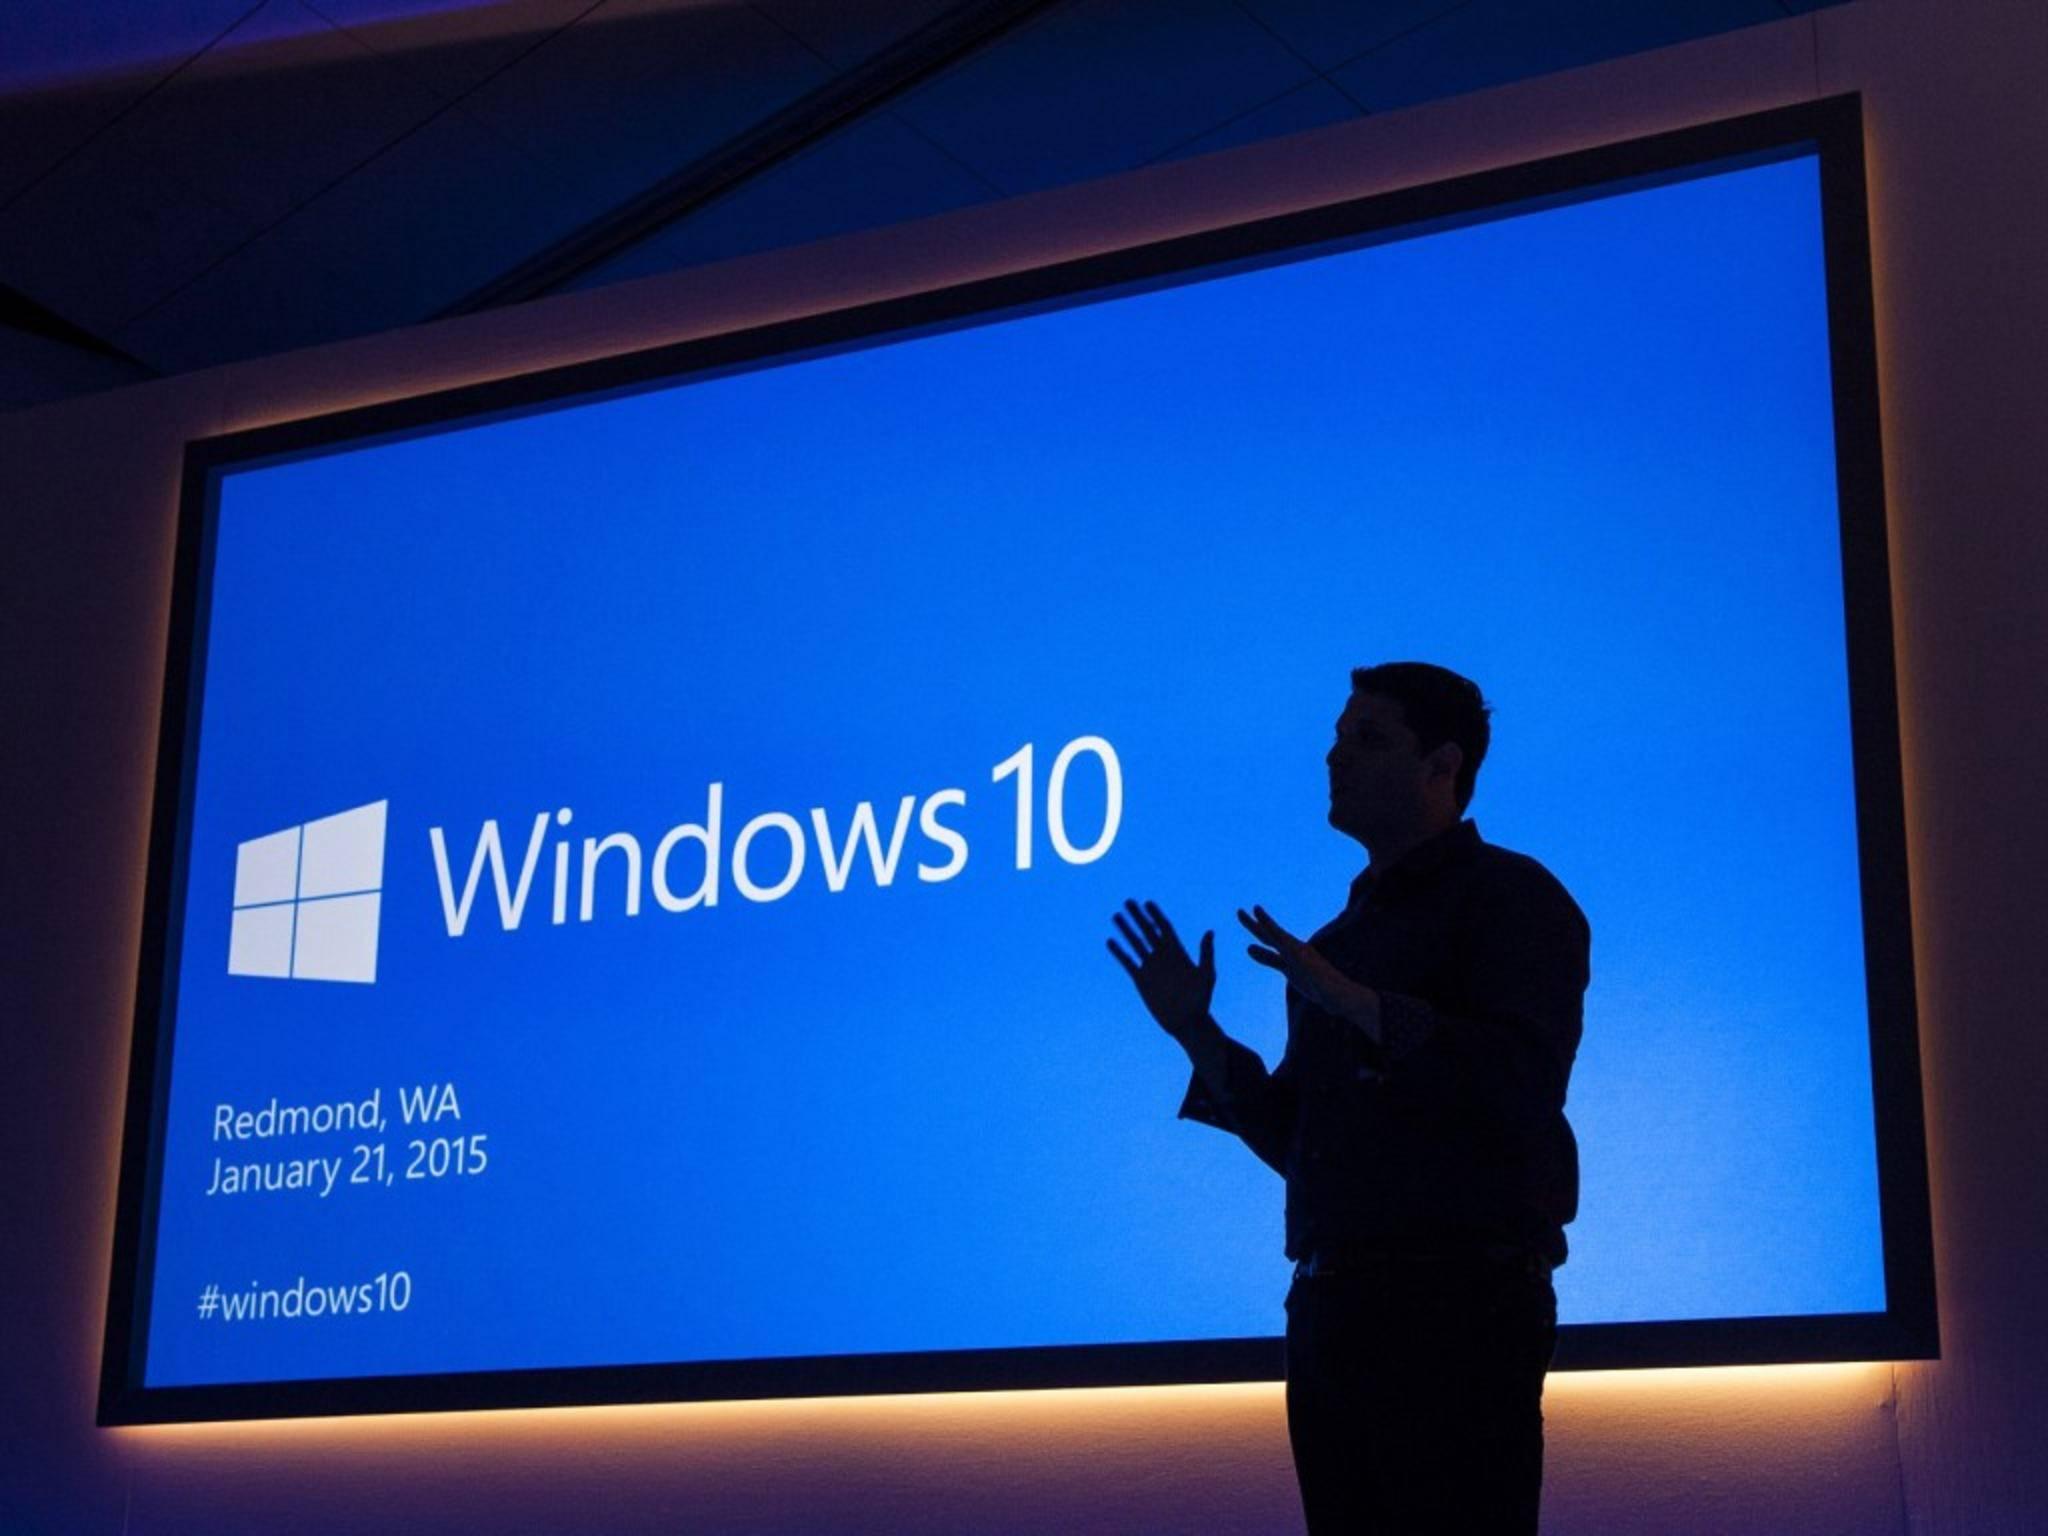 In Windows 10 zeigt Microsoft der Welt den Mittelfinger - per Emoji.